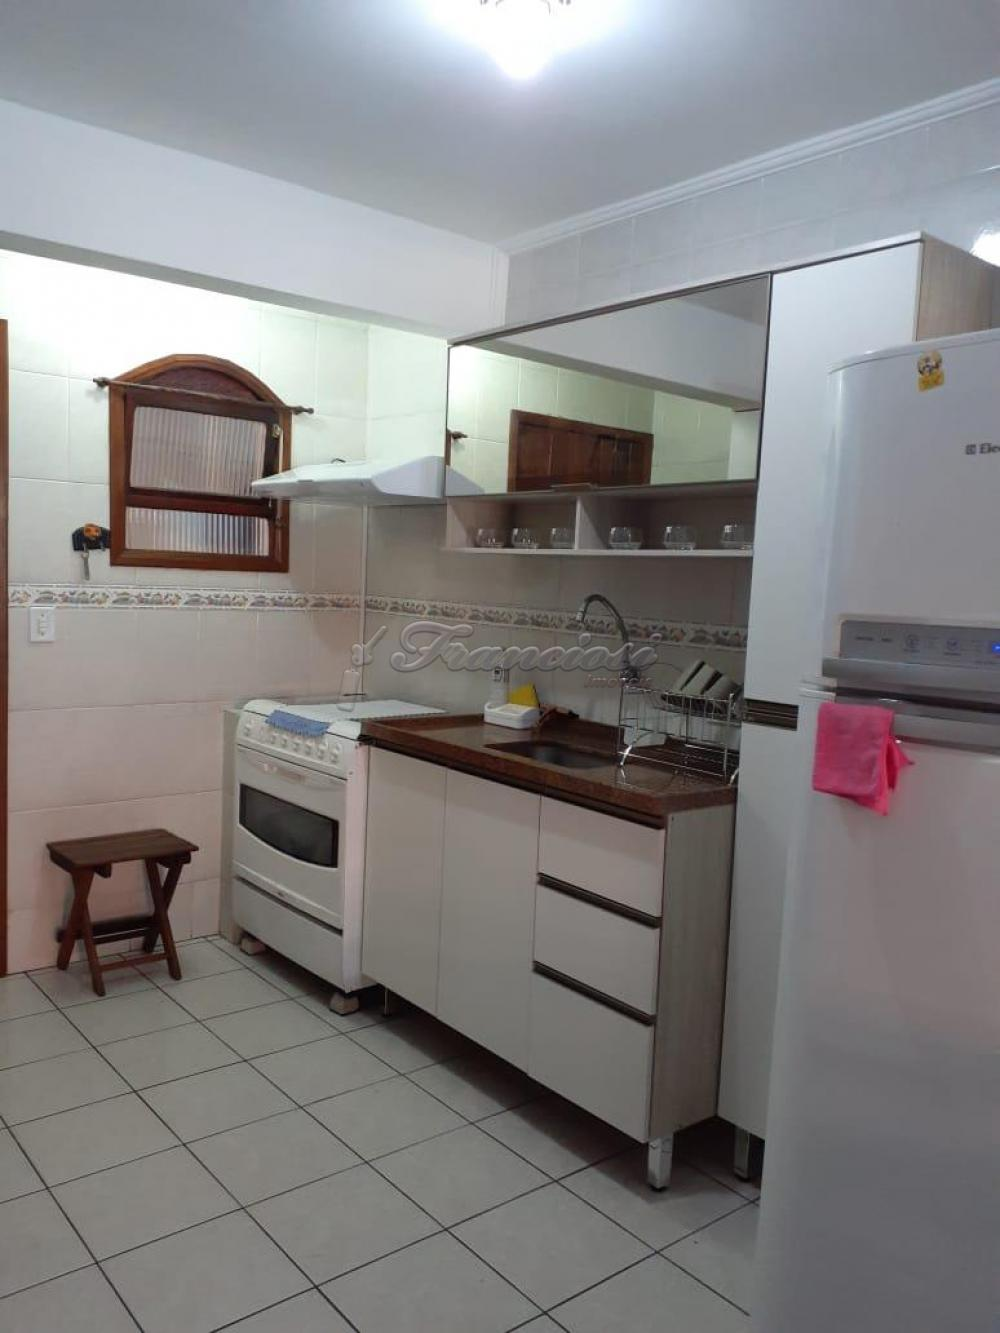 Comprar Apartamento / Padrão em Peruíbe apenas R$ 200.000,00 - Foto 14